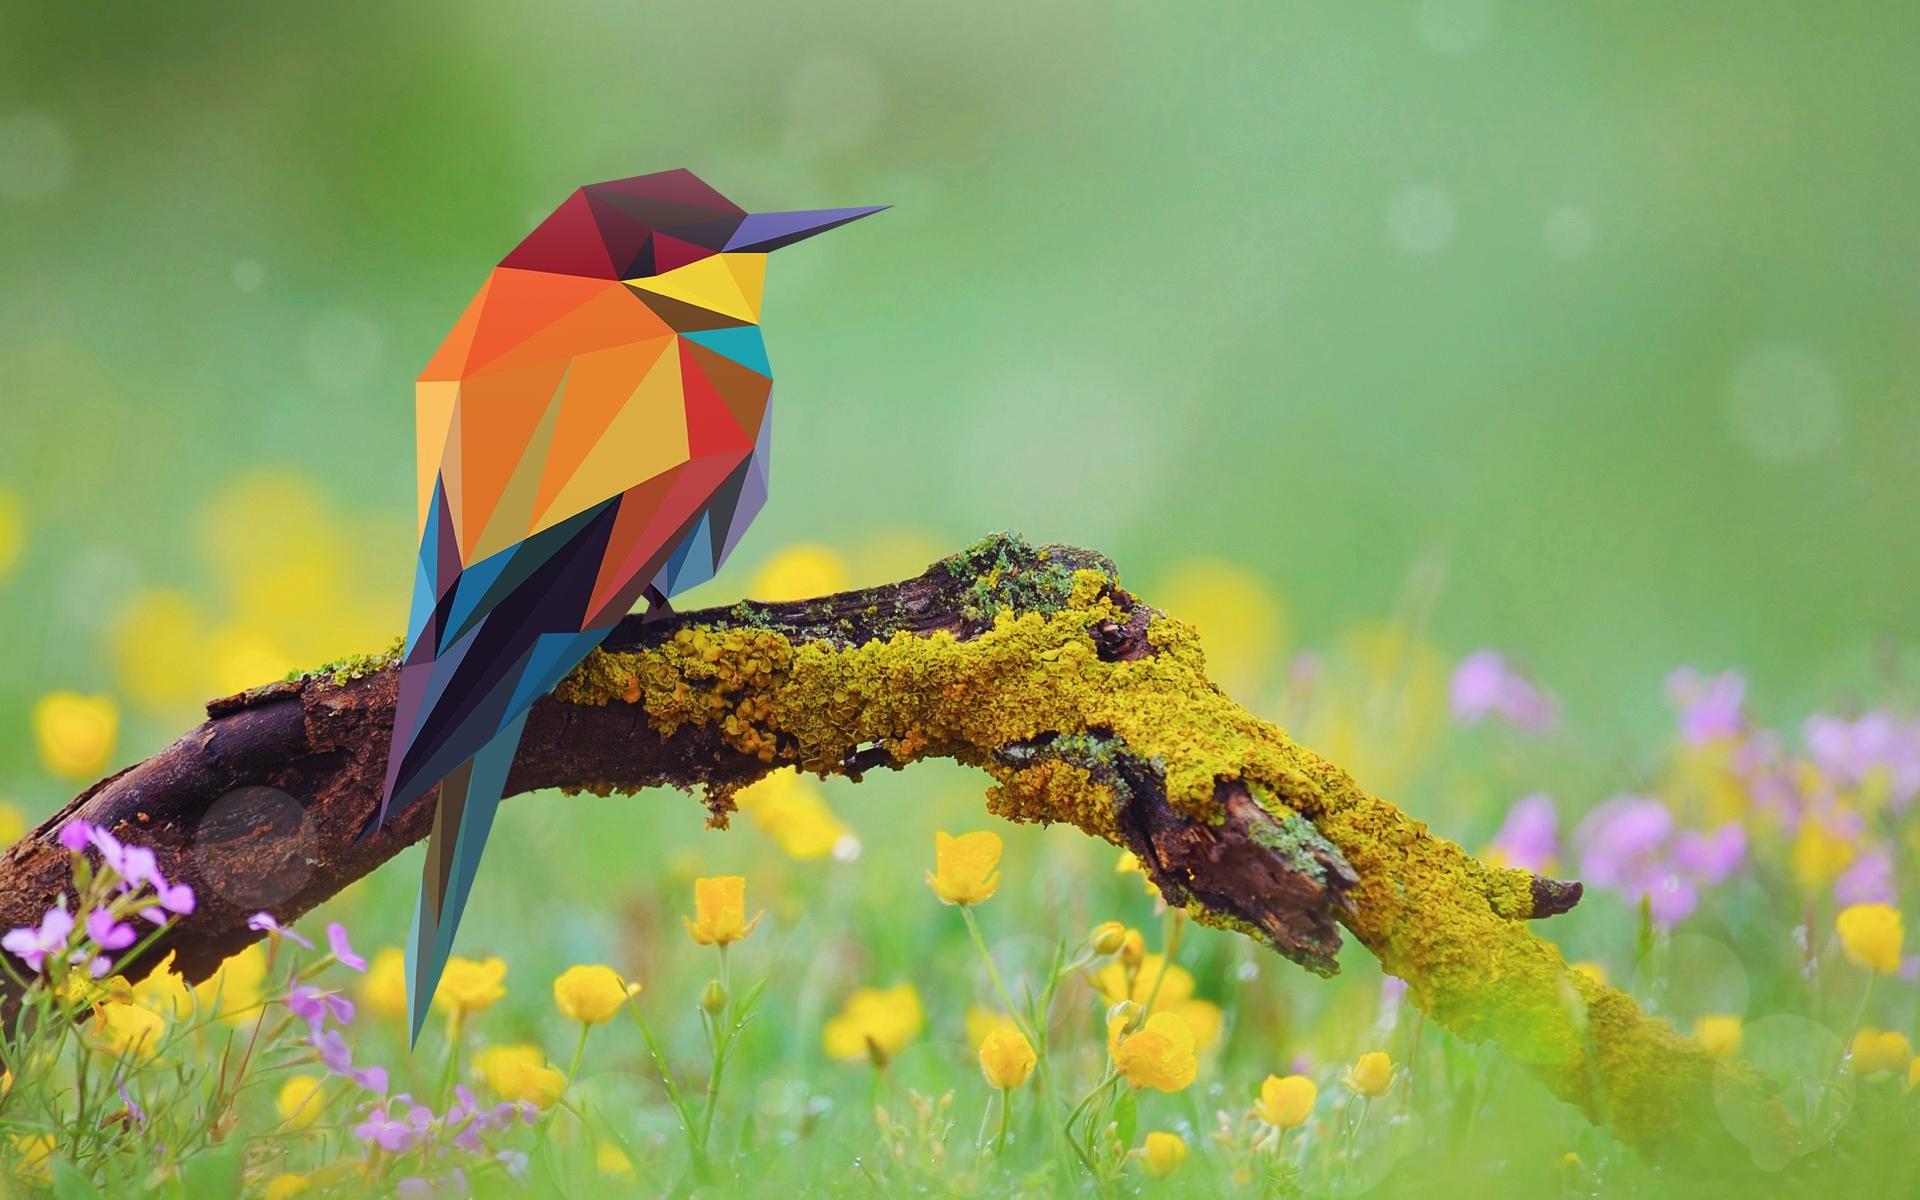 Bird Abstract Art Wallpaper | Abstract HD Wallpapers